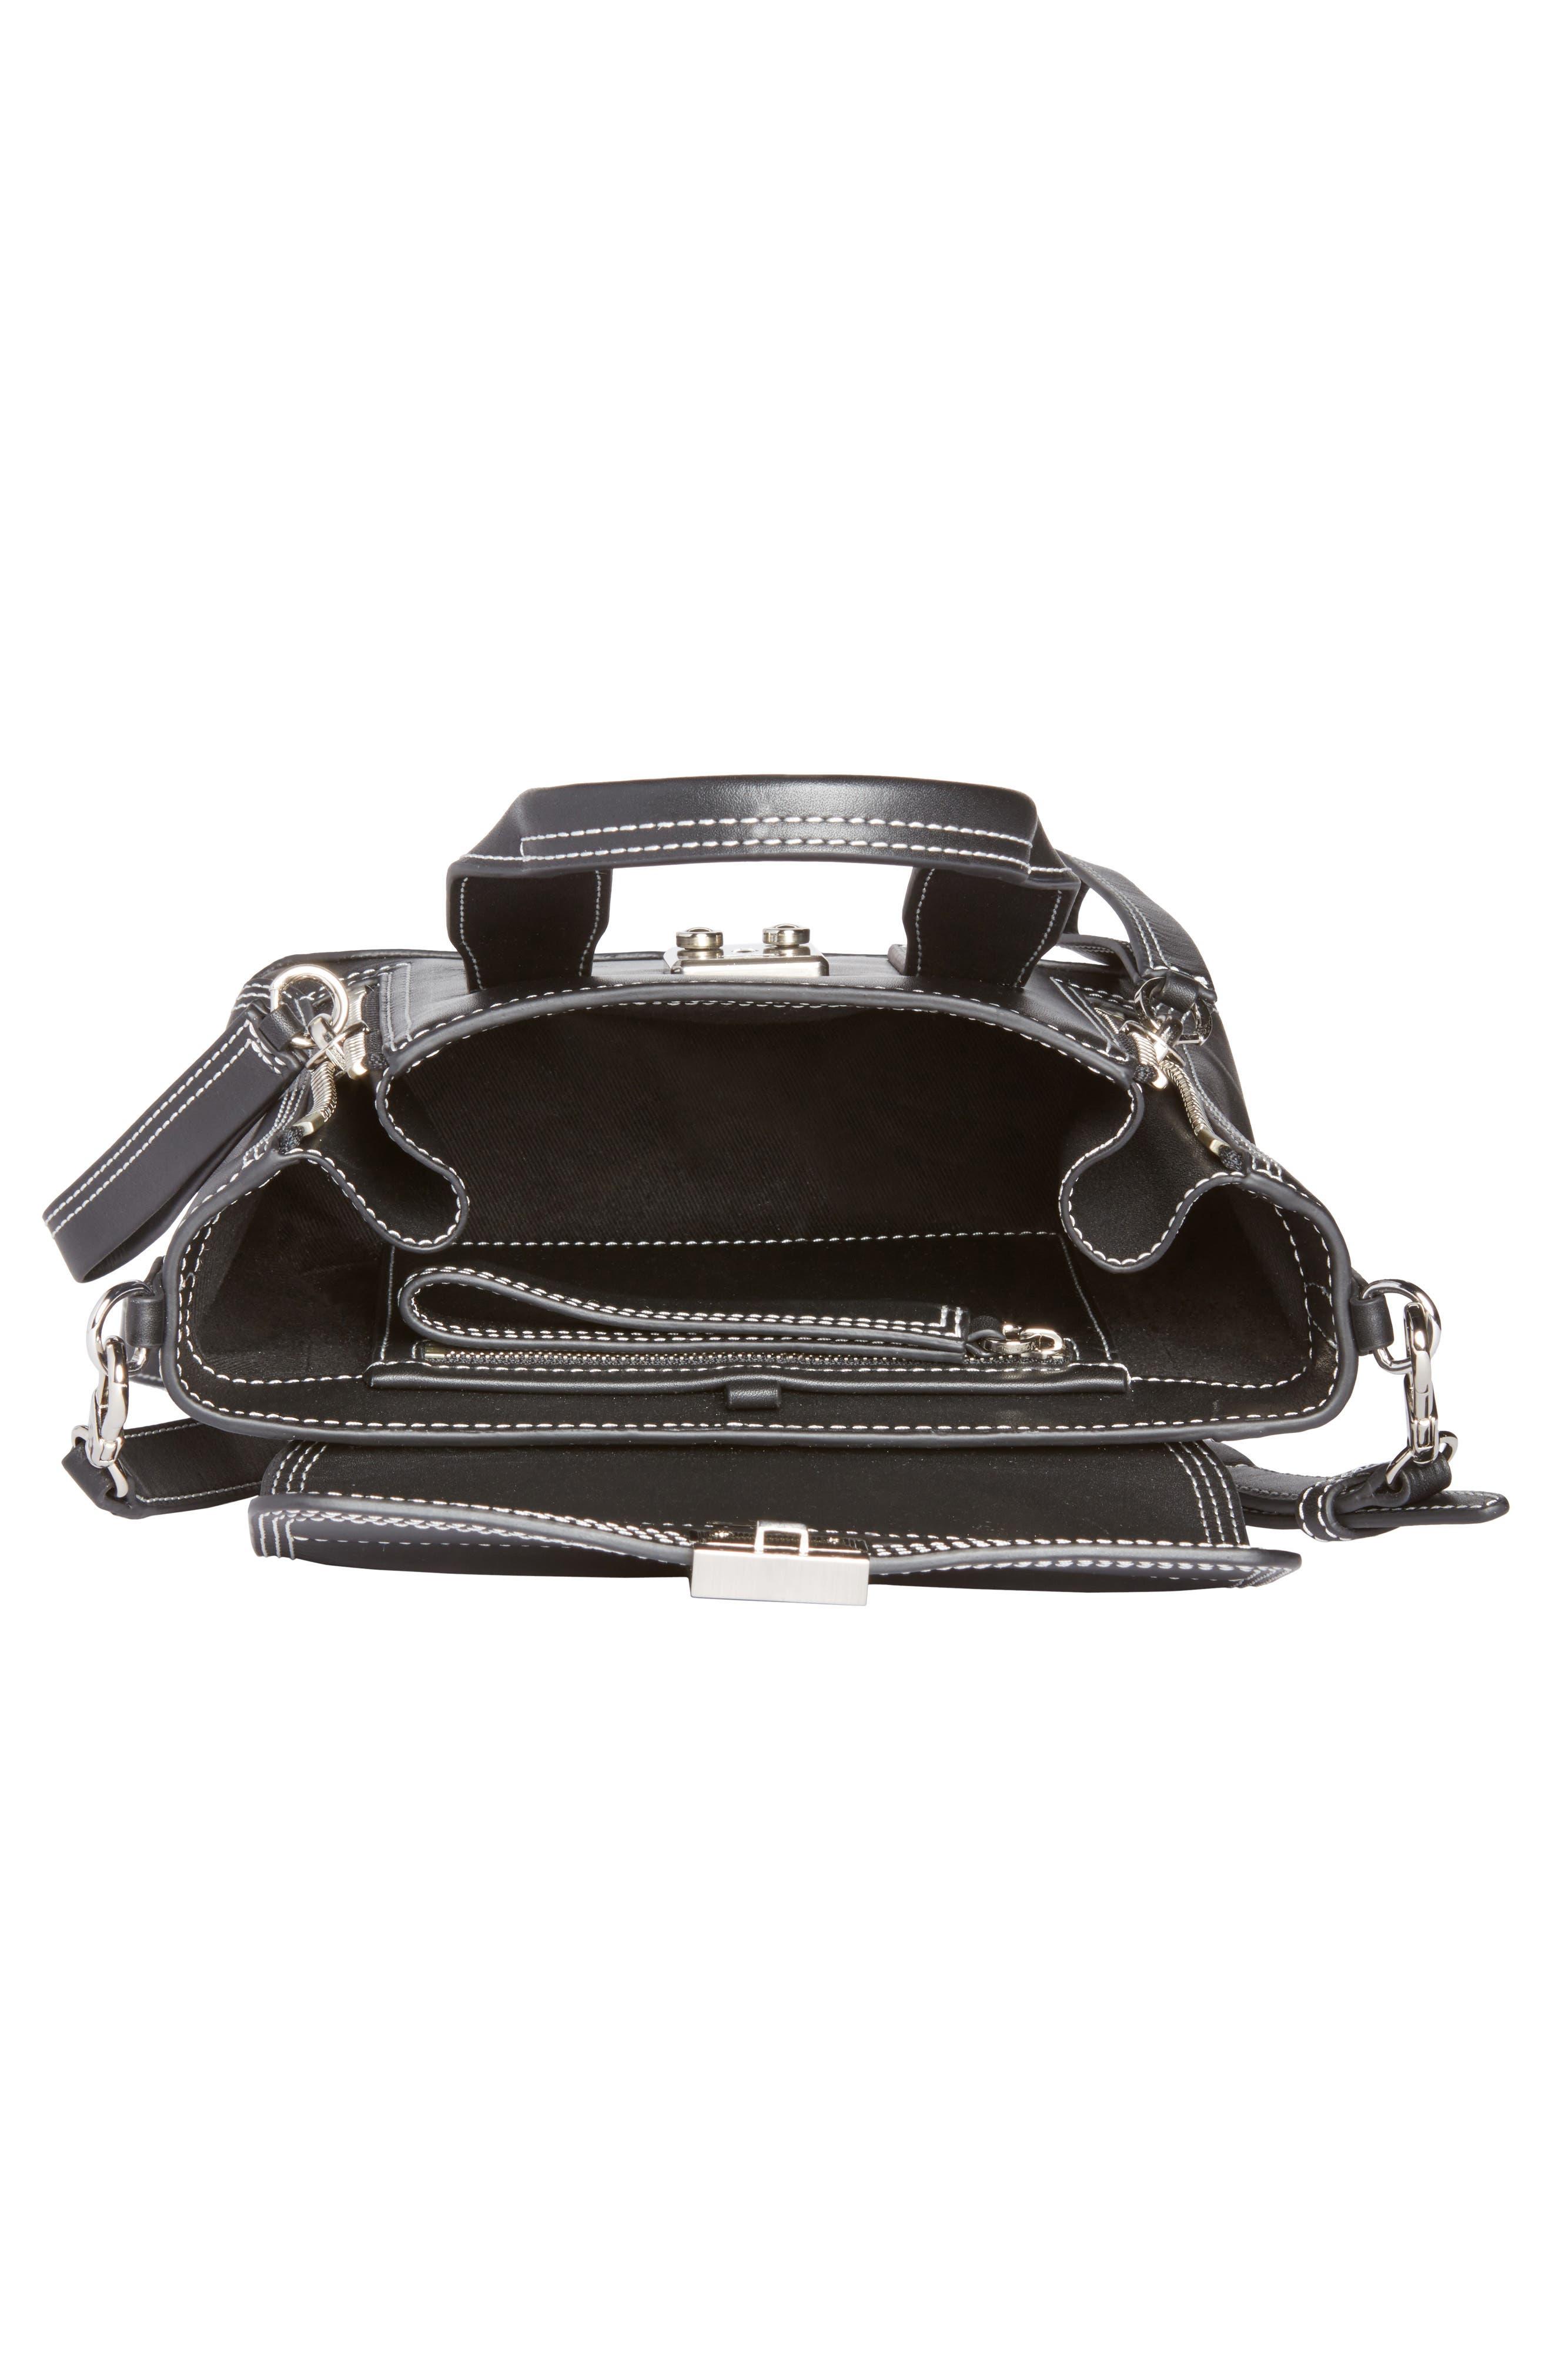 Mini Pashli Leather Satchel,                             Alternate thumbnail 3, color,                             Black